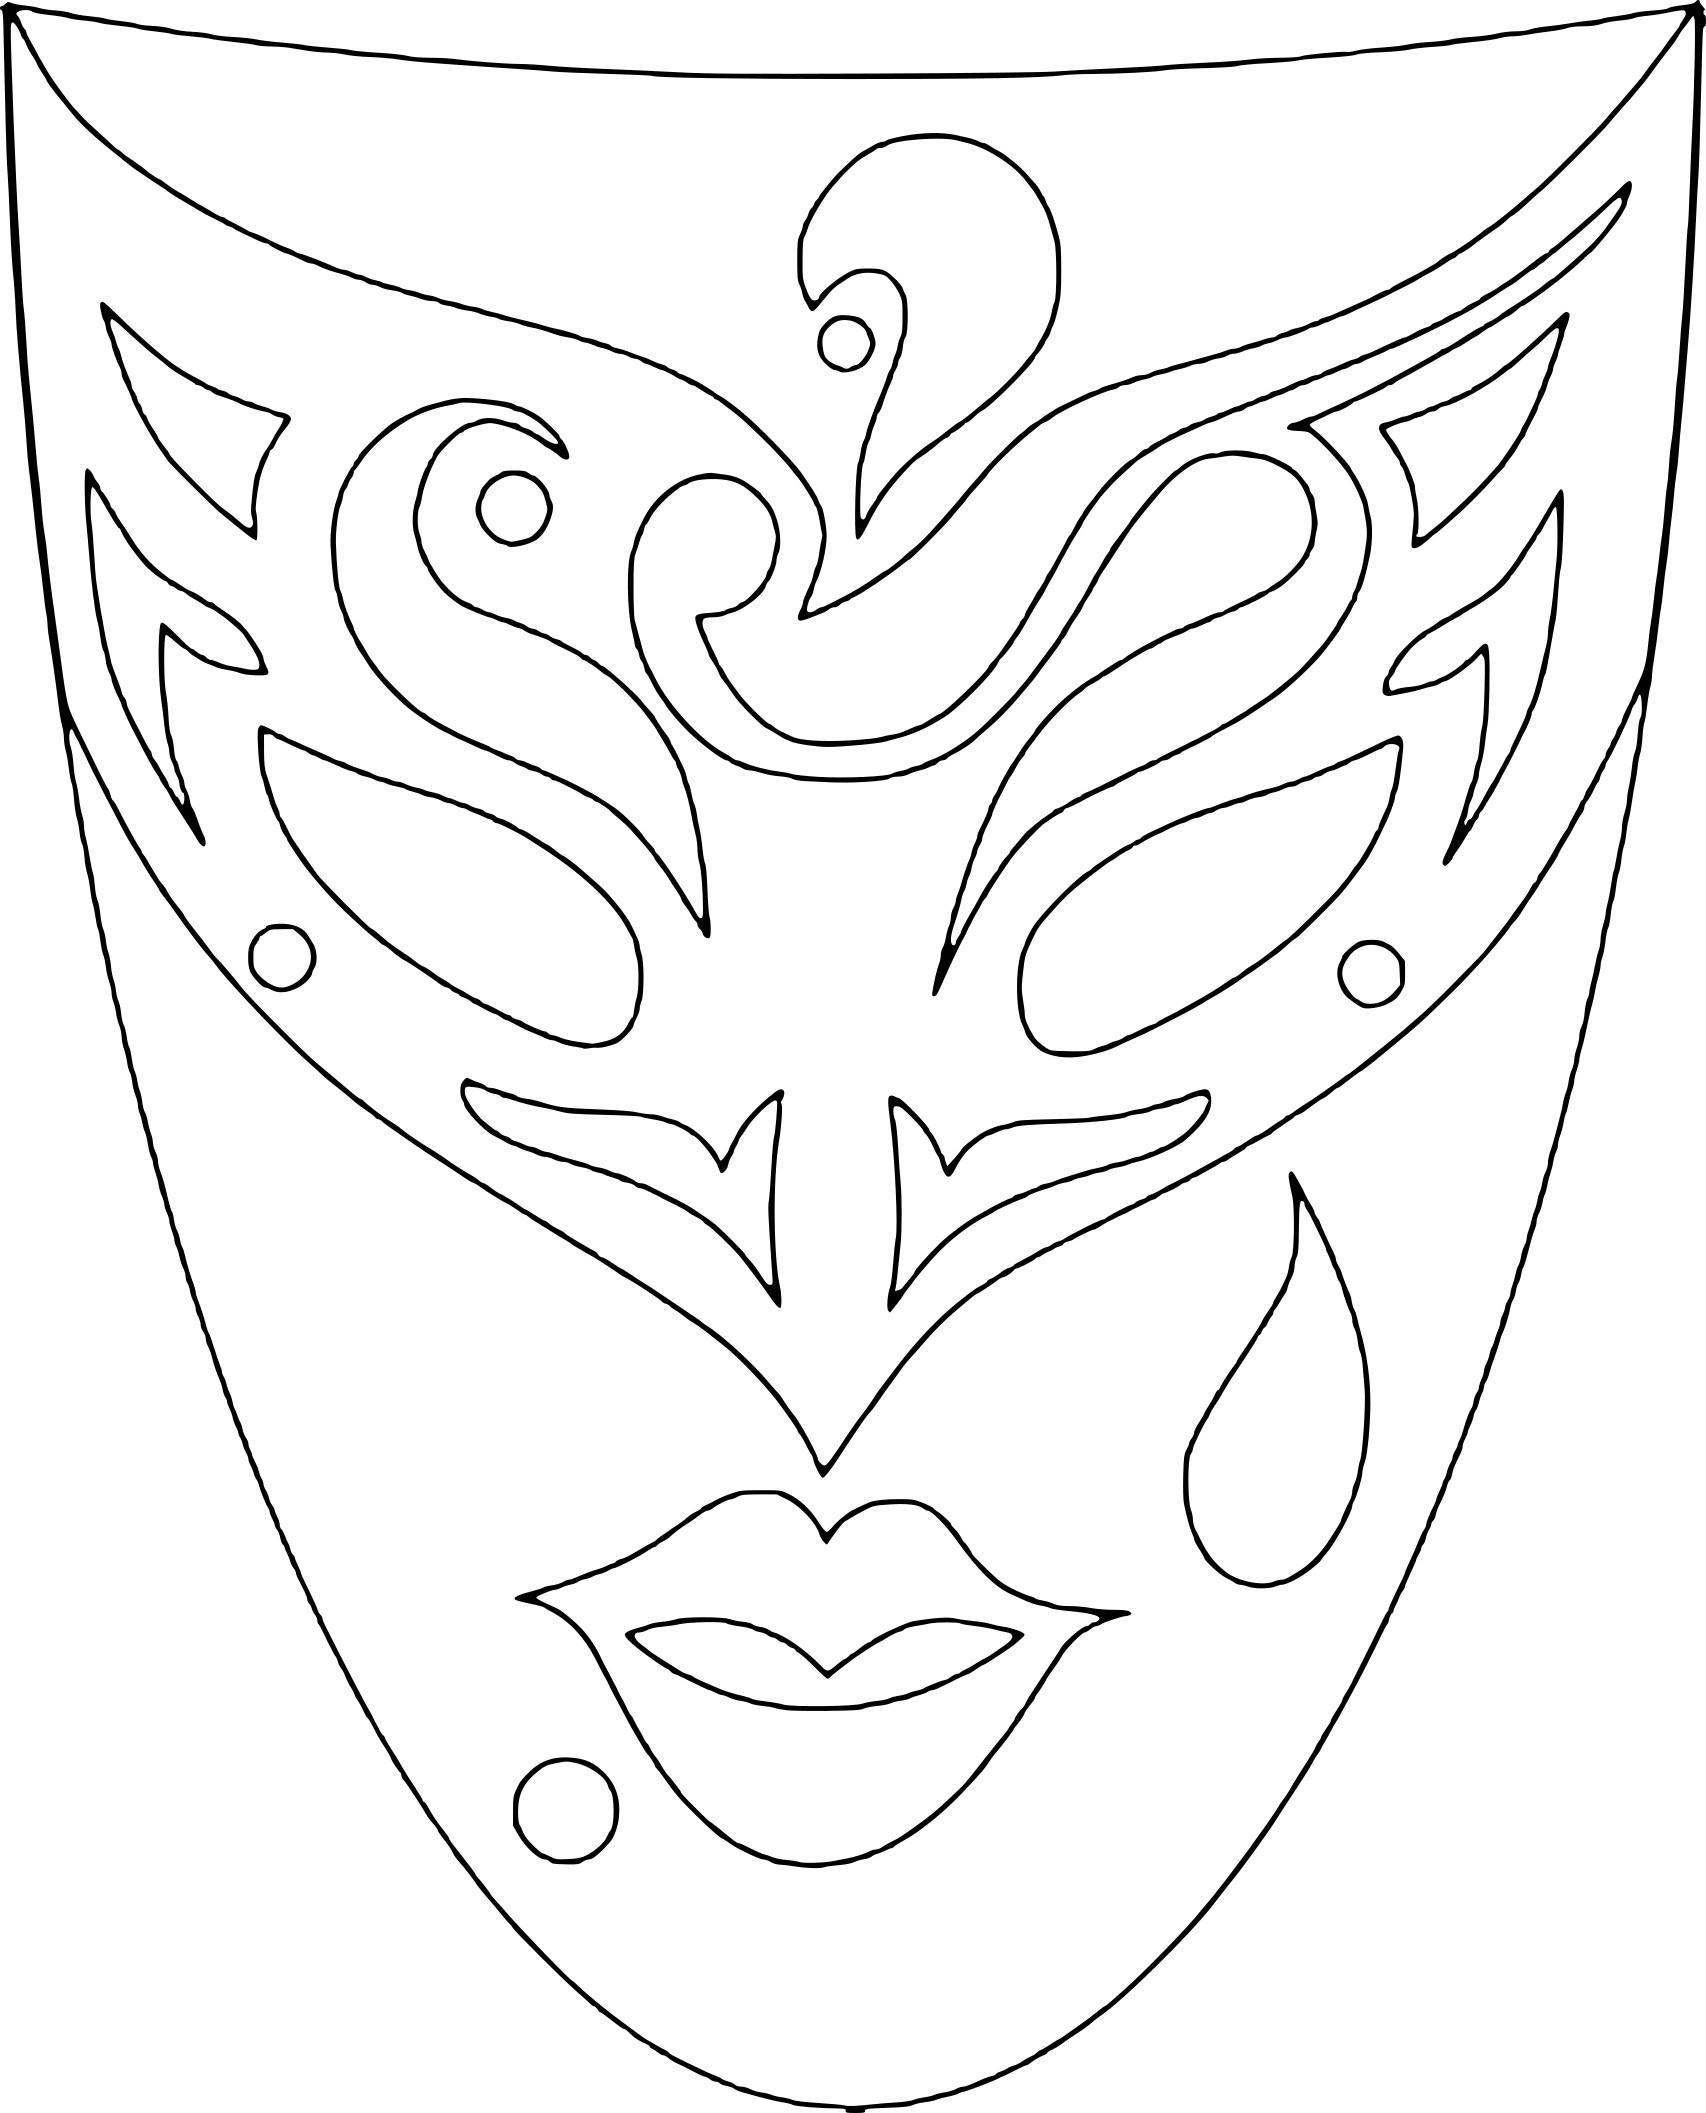 Coloriage Masque Carnaval Venise À Imprimer Sur Coloriages pour Coloriage De Carnaval A Imprimer Gratuit